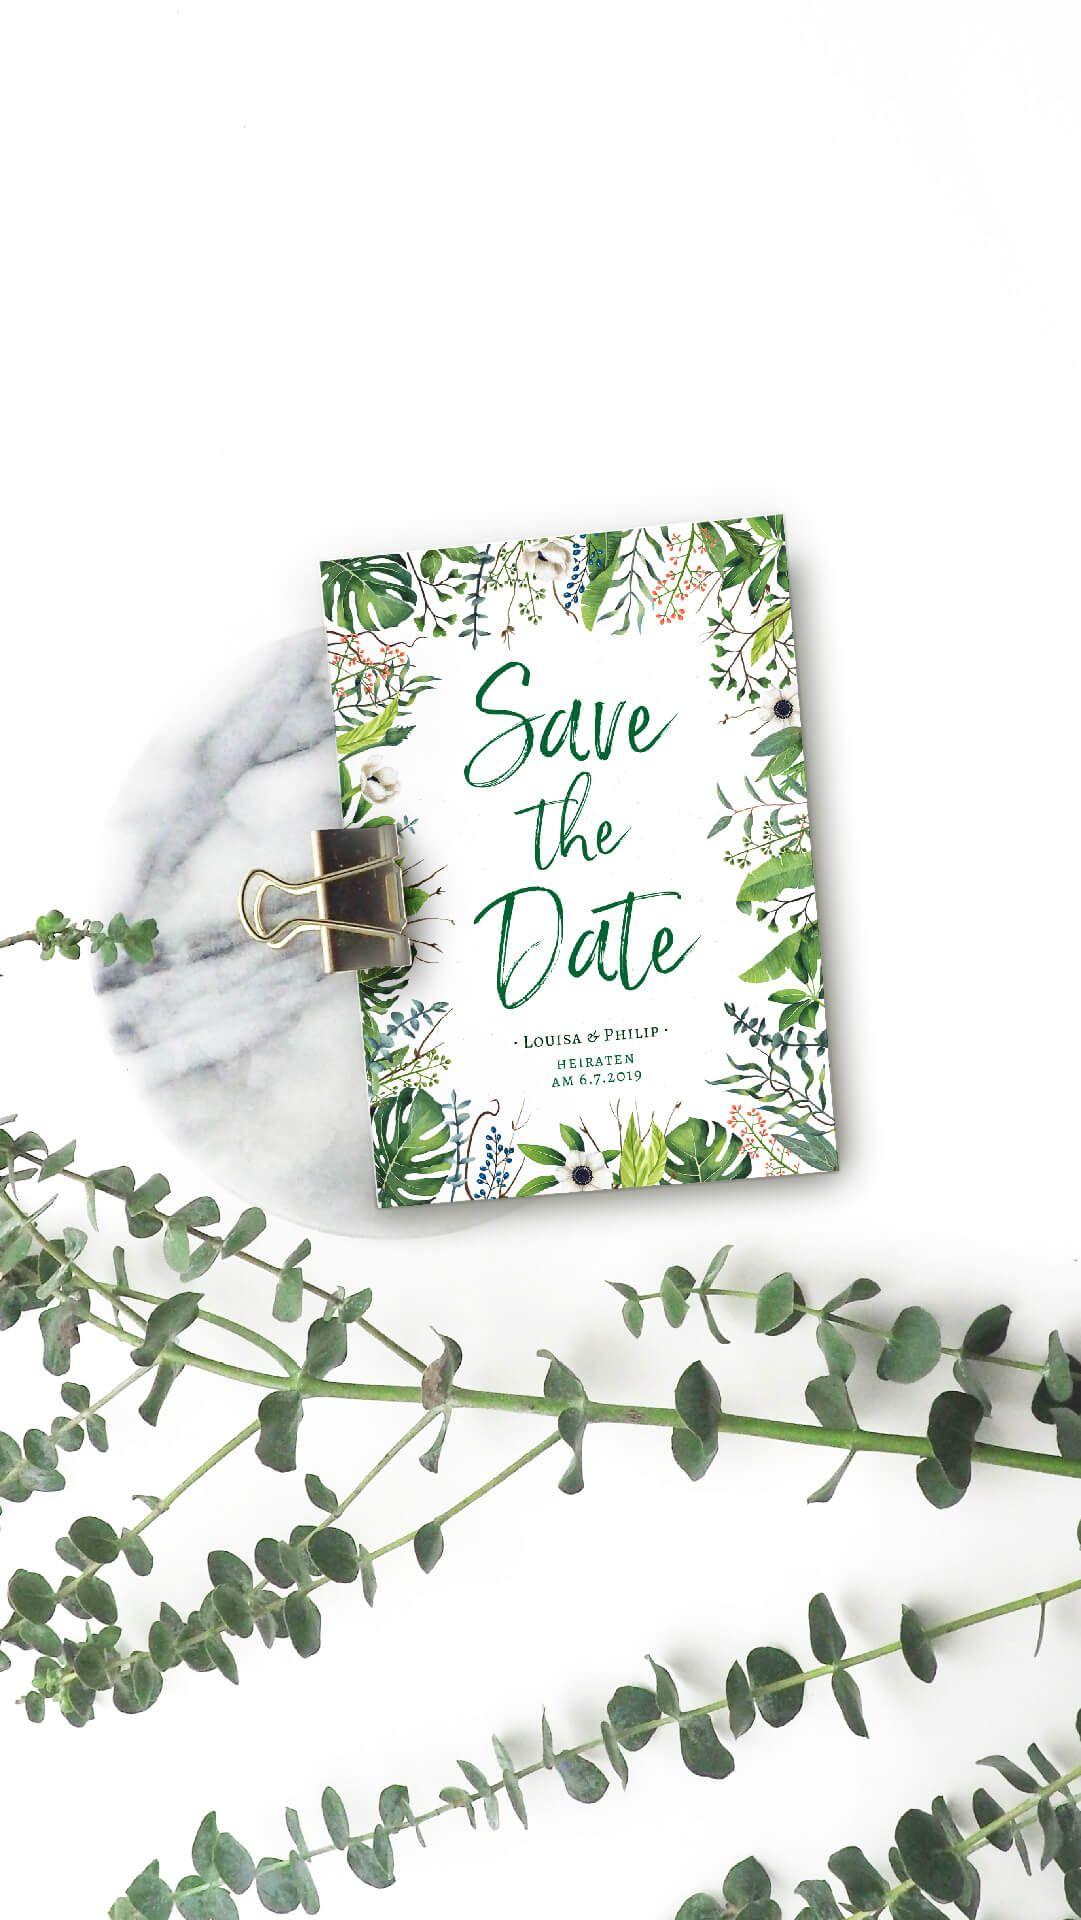 Paradies Im Grunen Hochzeitskartendesign Shop Pinterest Shopping